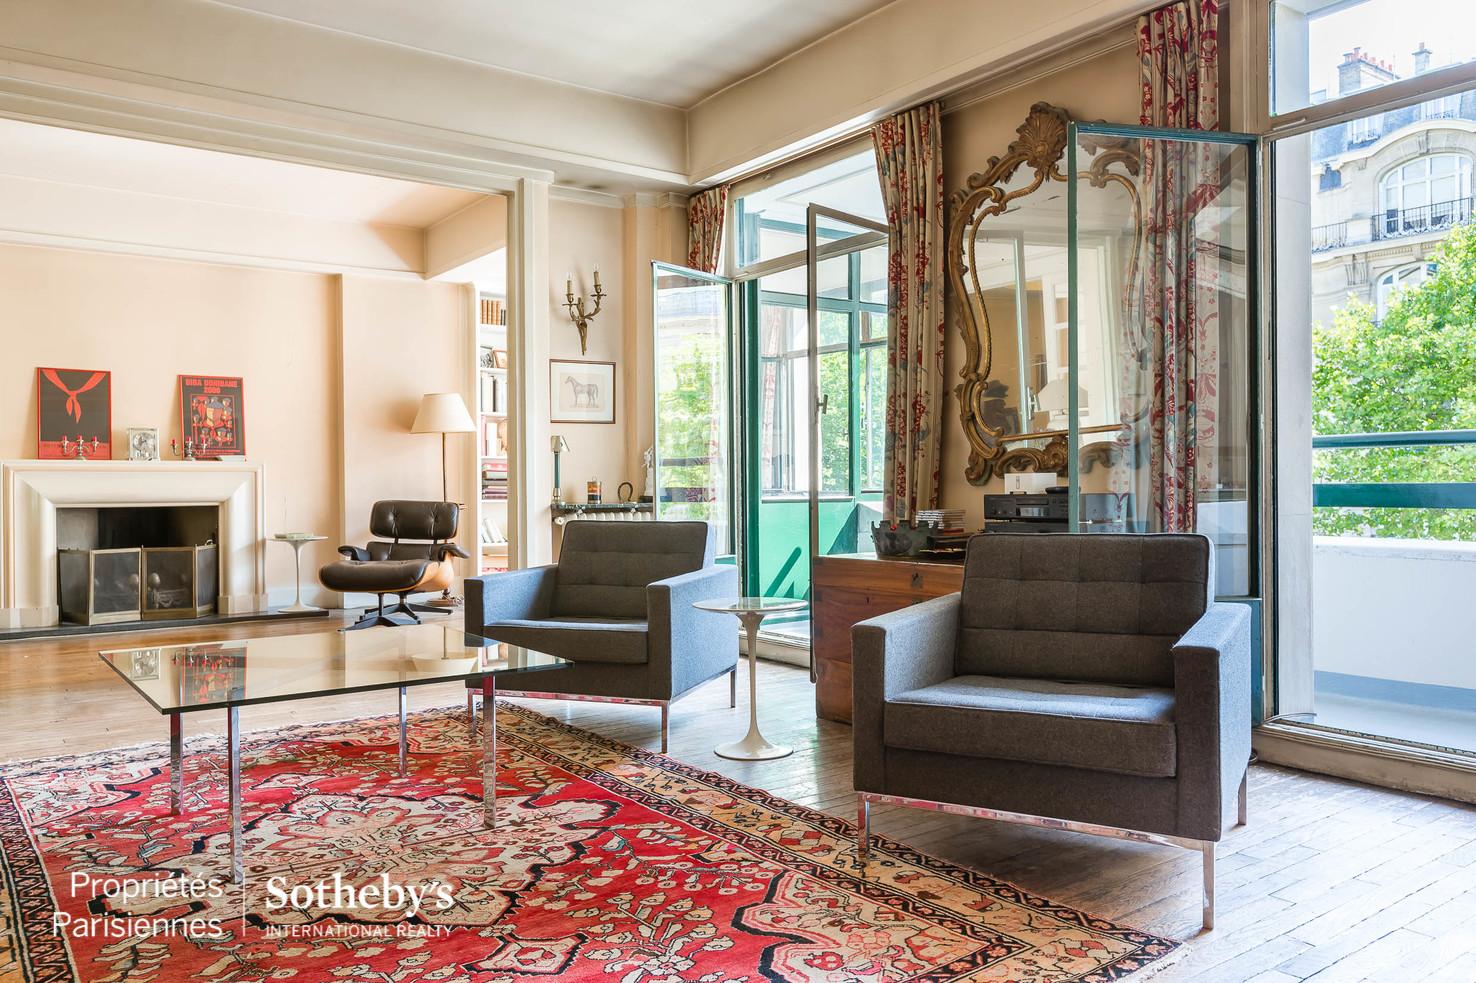 Appartamento per Vendita alle ore Saint-Germain-des-Prés Boulevard Raspail Paris, Parigi 75007 Francia